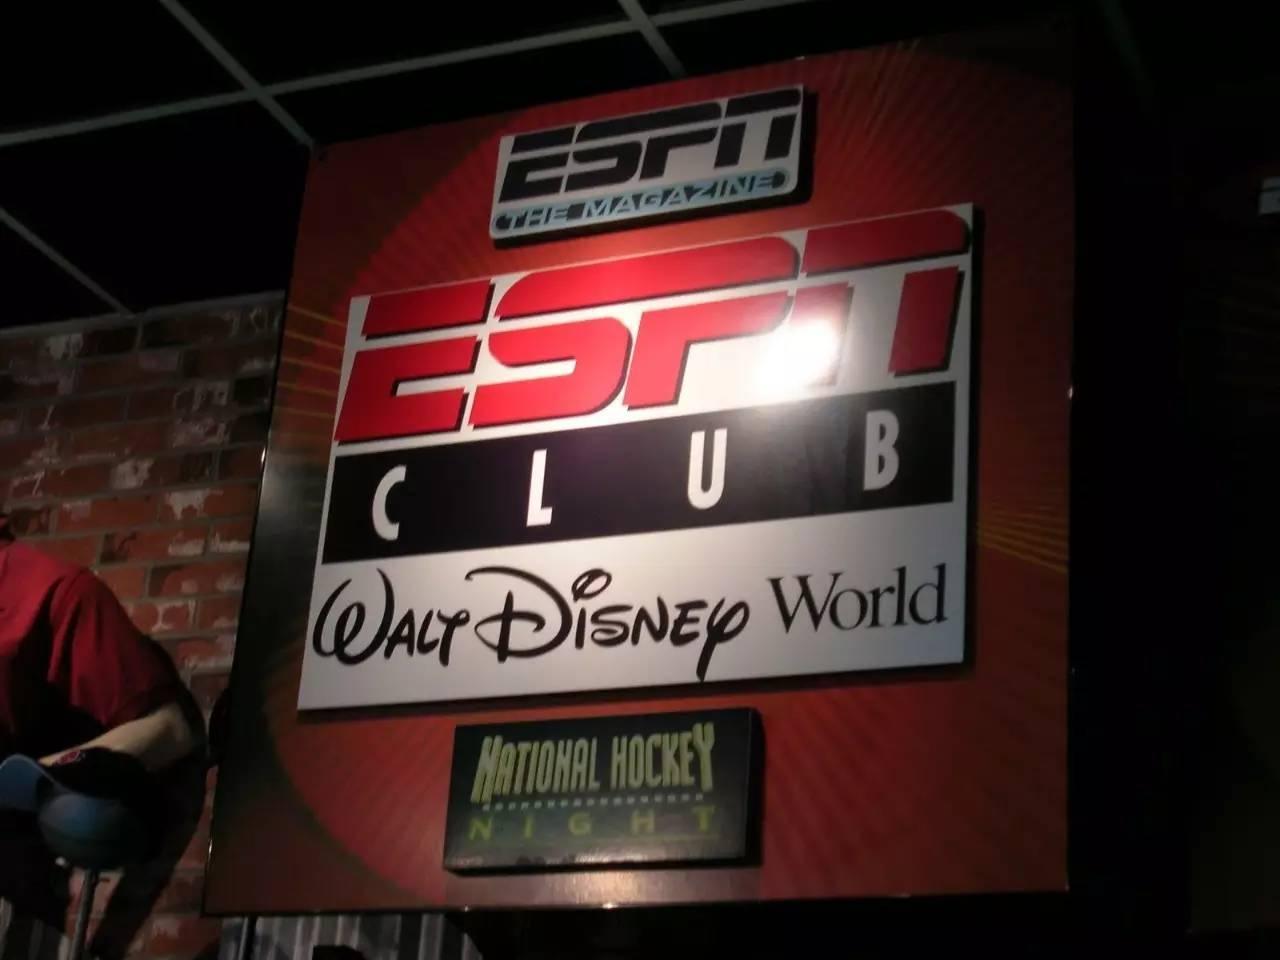 转型迫在眉睫,流媒体服务会成为ESPN的救命稻草吗? |专栏